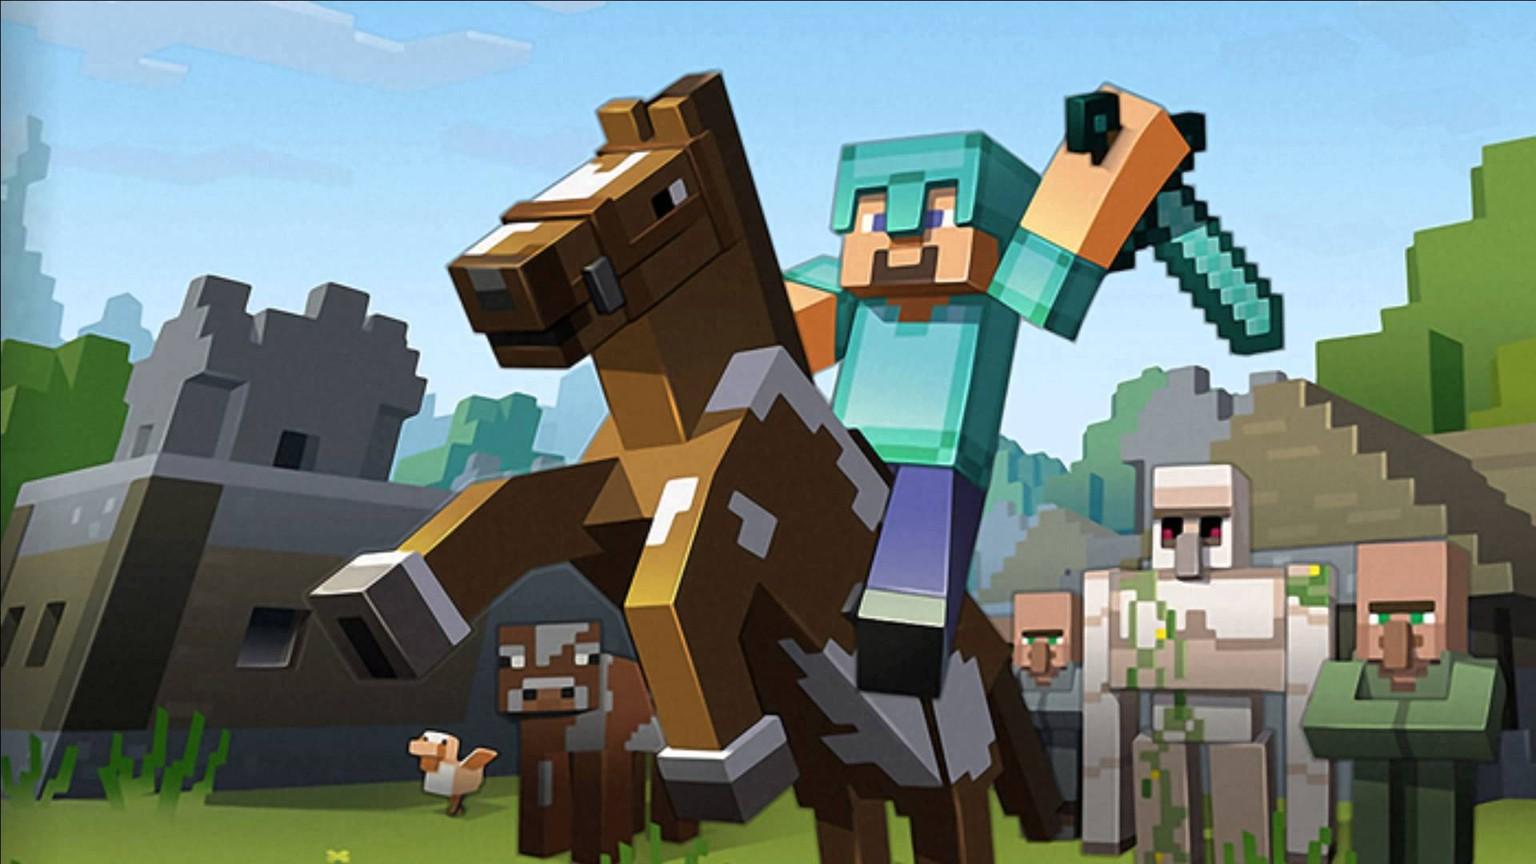 Minecraft Spielen Kann Das Leben Besser Machen Beruflich Wie - Minecraft spiele ausprobieren